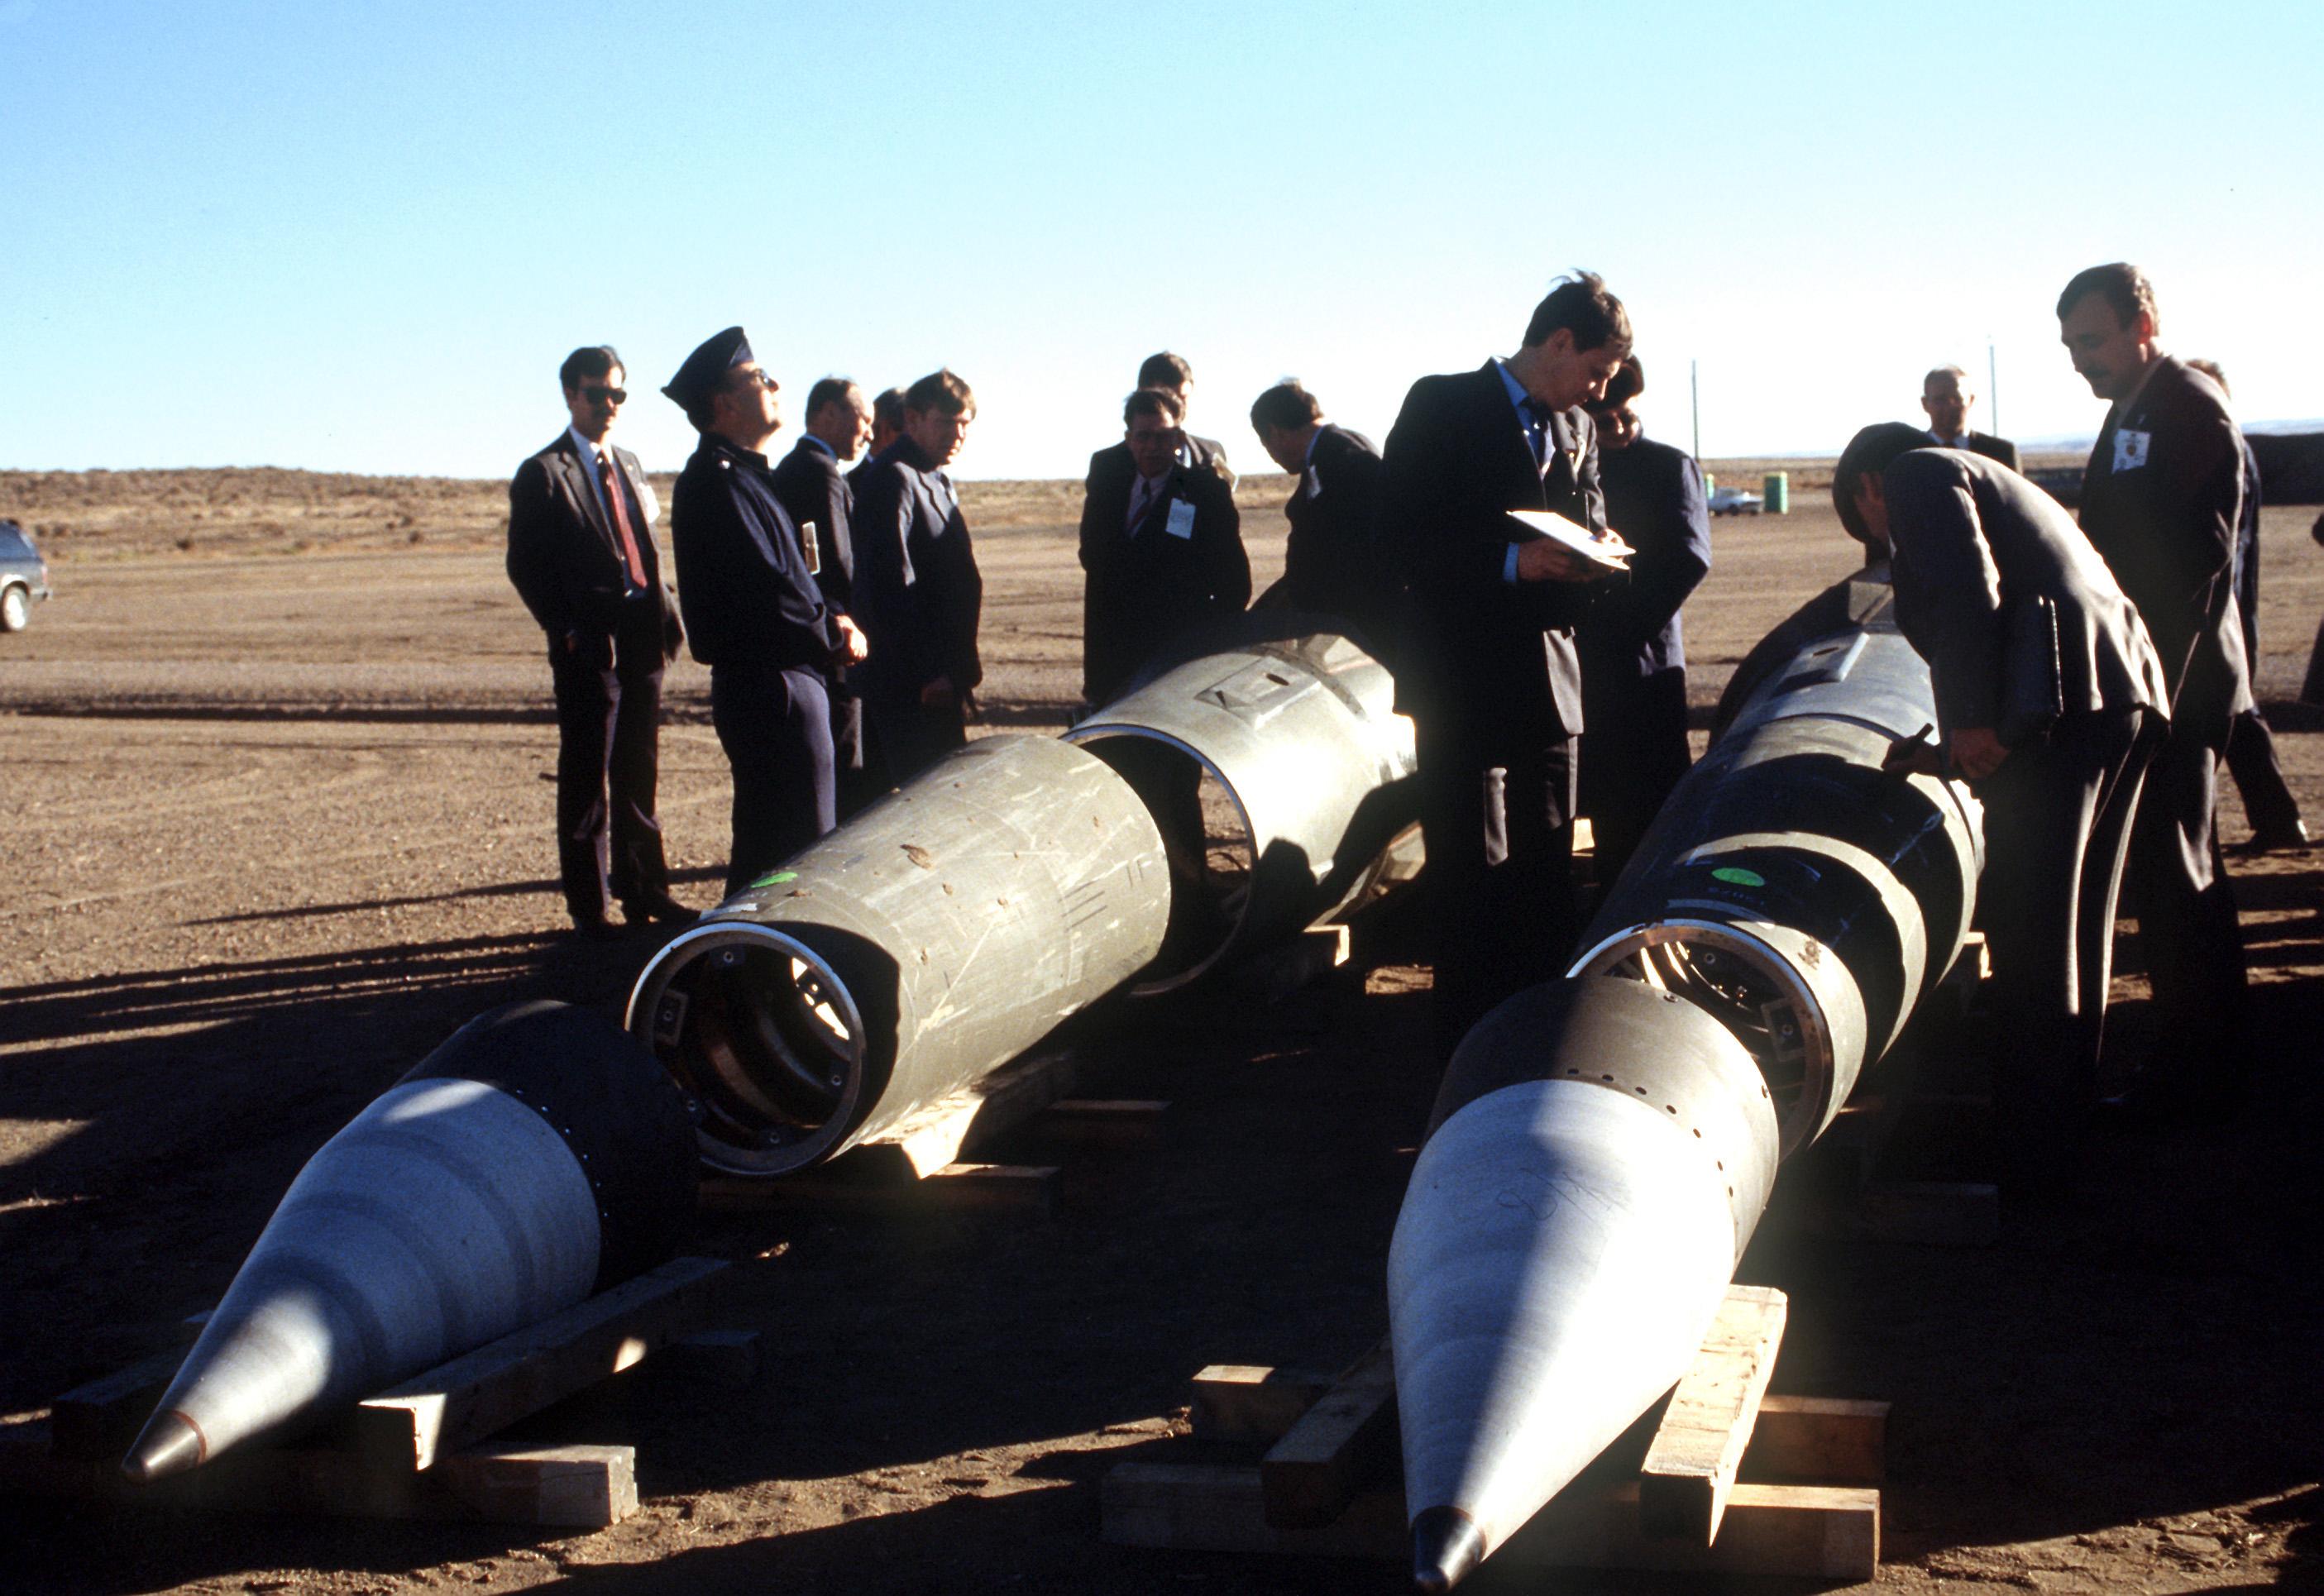 Im Gegenlicht sind zwei teilweise zerlegte Raketen zu sehen, die auf einer weiten verdorrten Ebene liegen. Dazwischen stehen Männer mit Soldatenkappen und Schreibzeug.